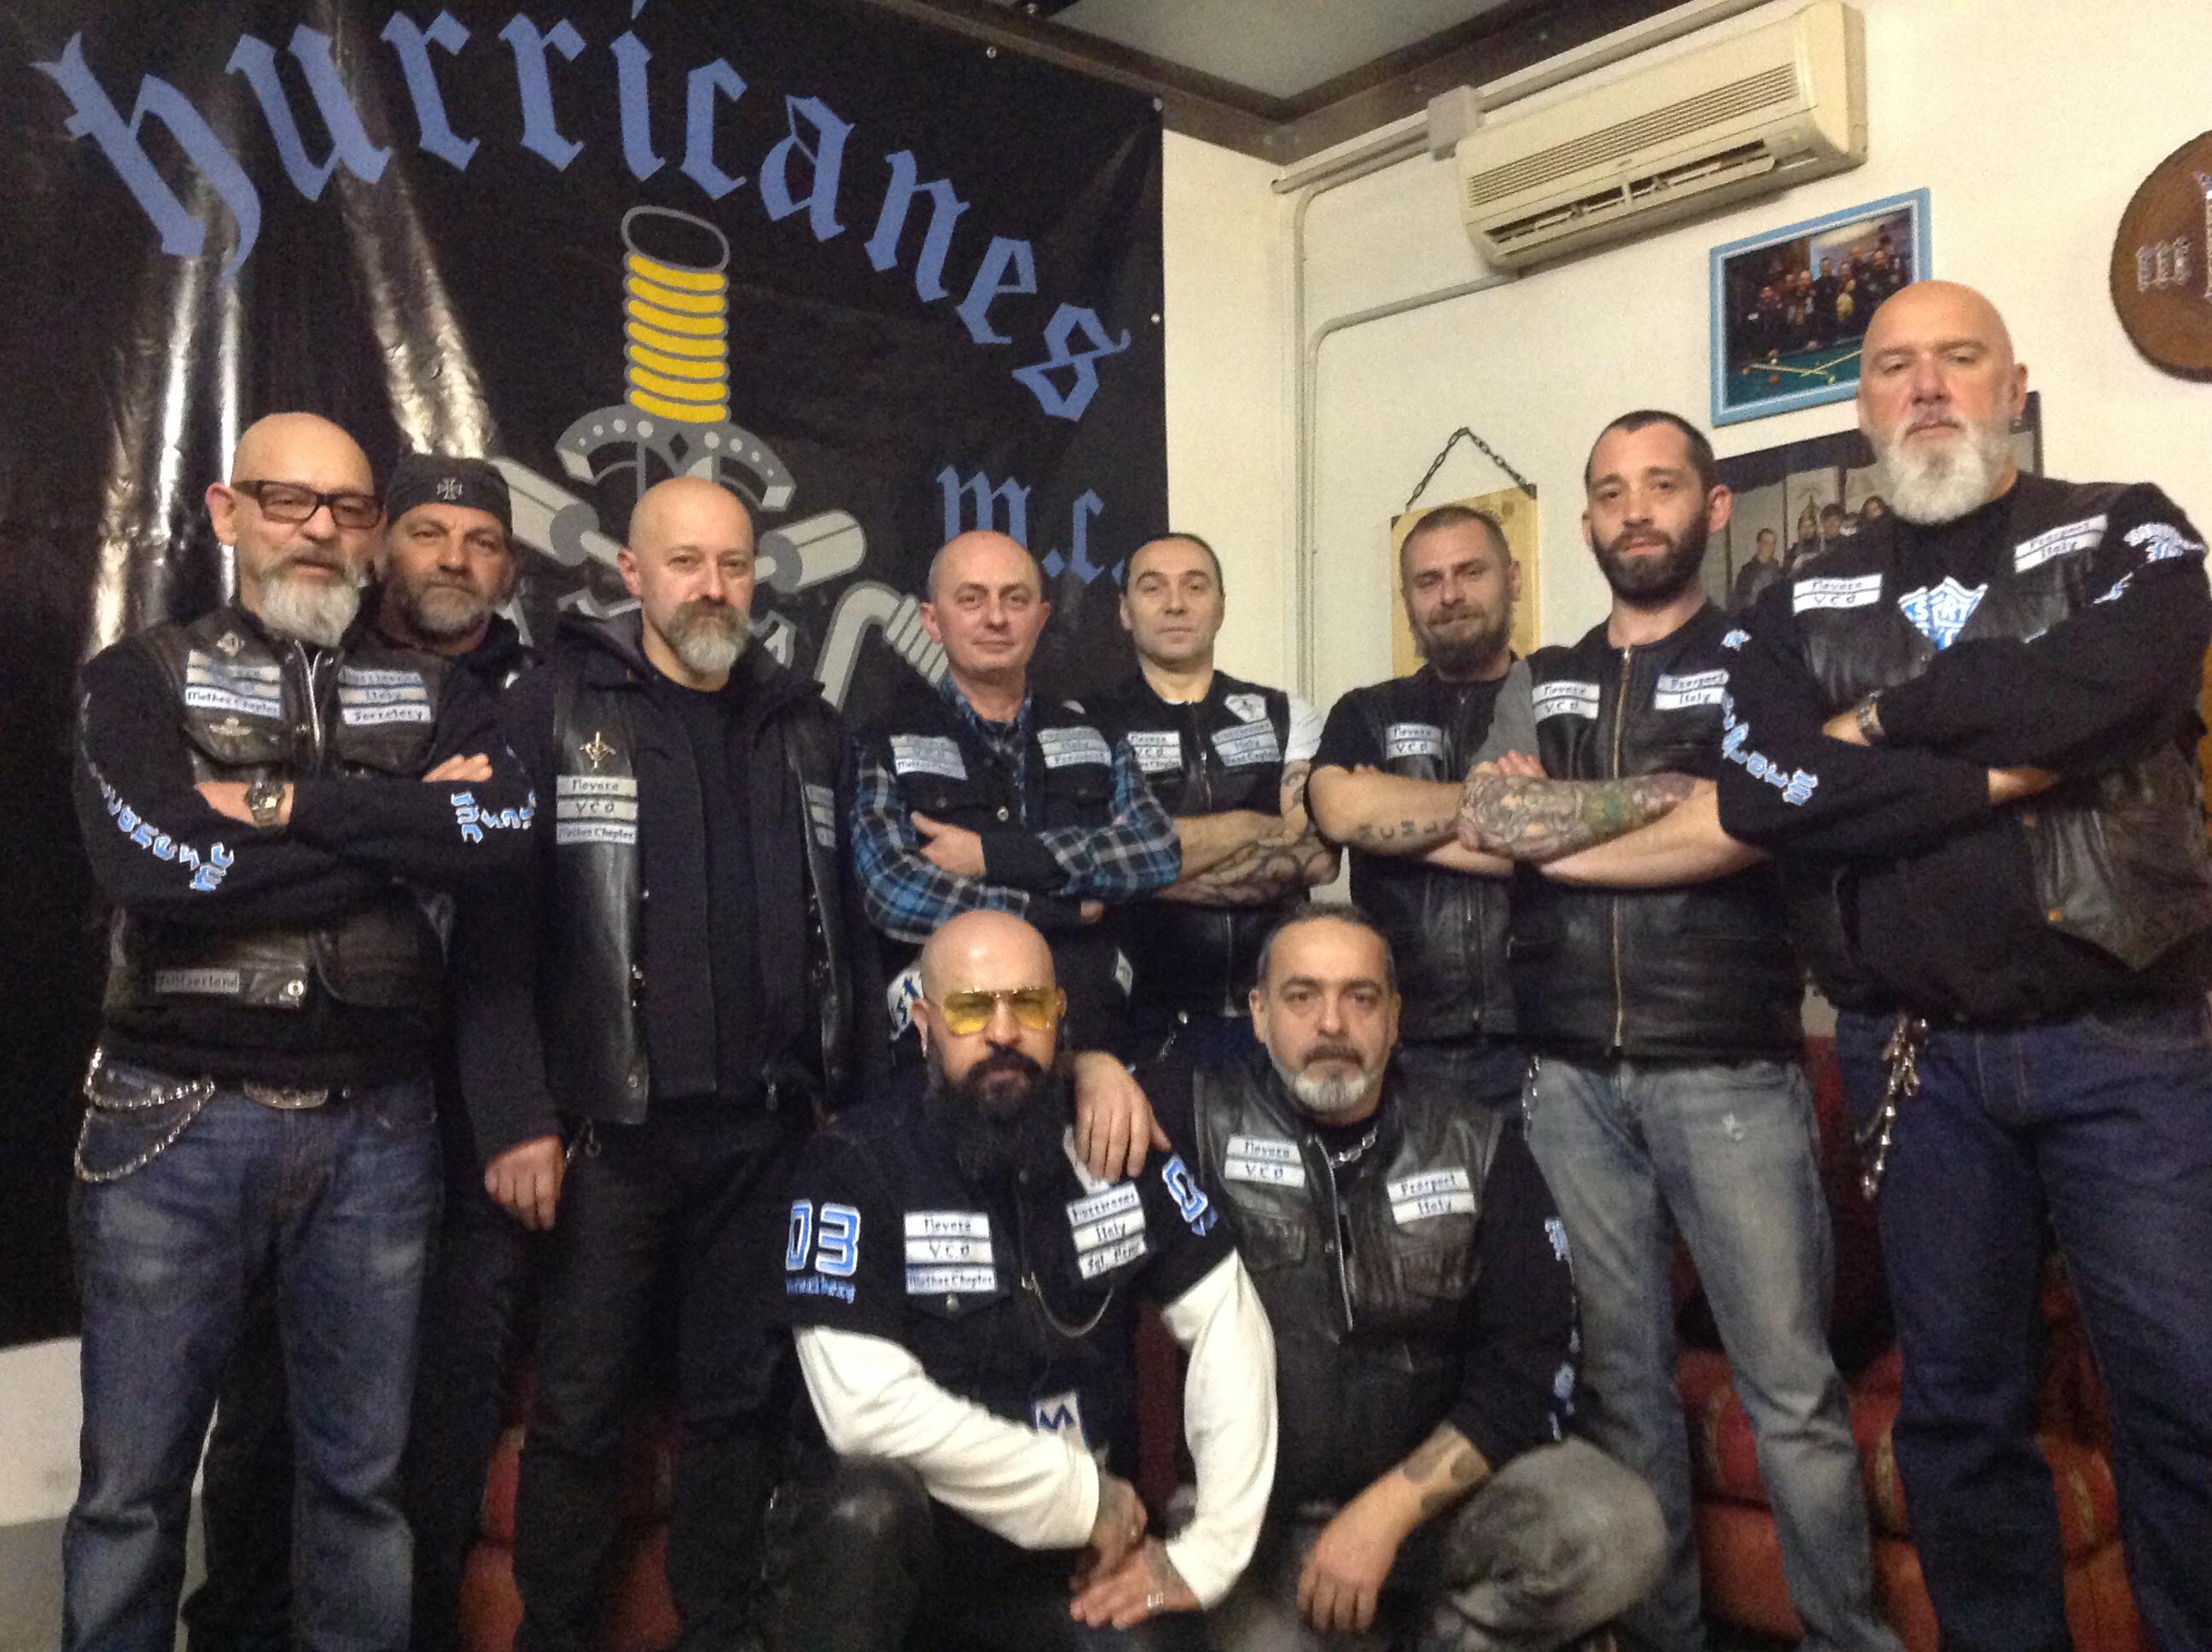 Hurricanes mc Italy Novara Vco e Comune di Galliate: motori accesi per la solidarietà